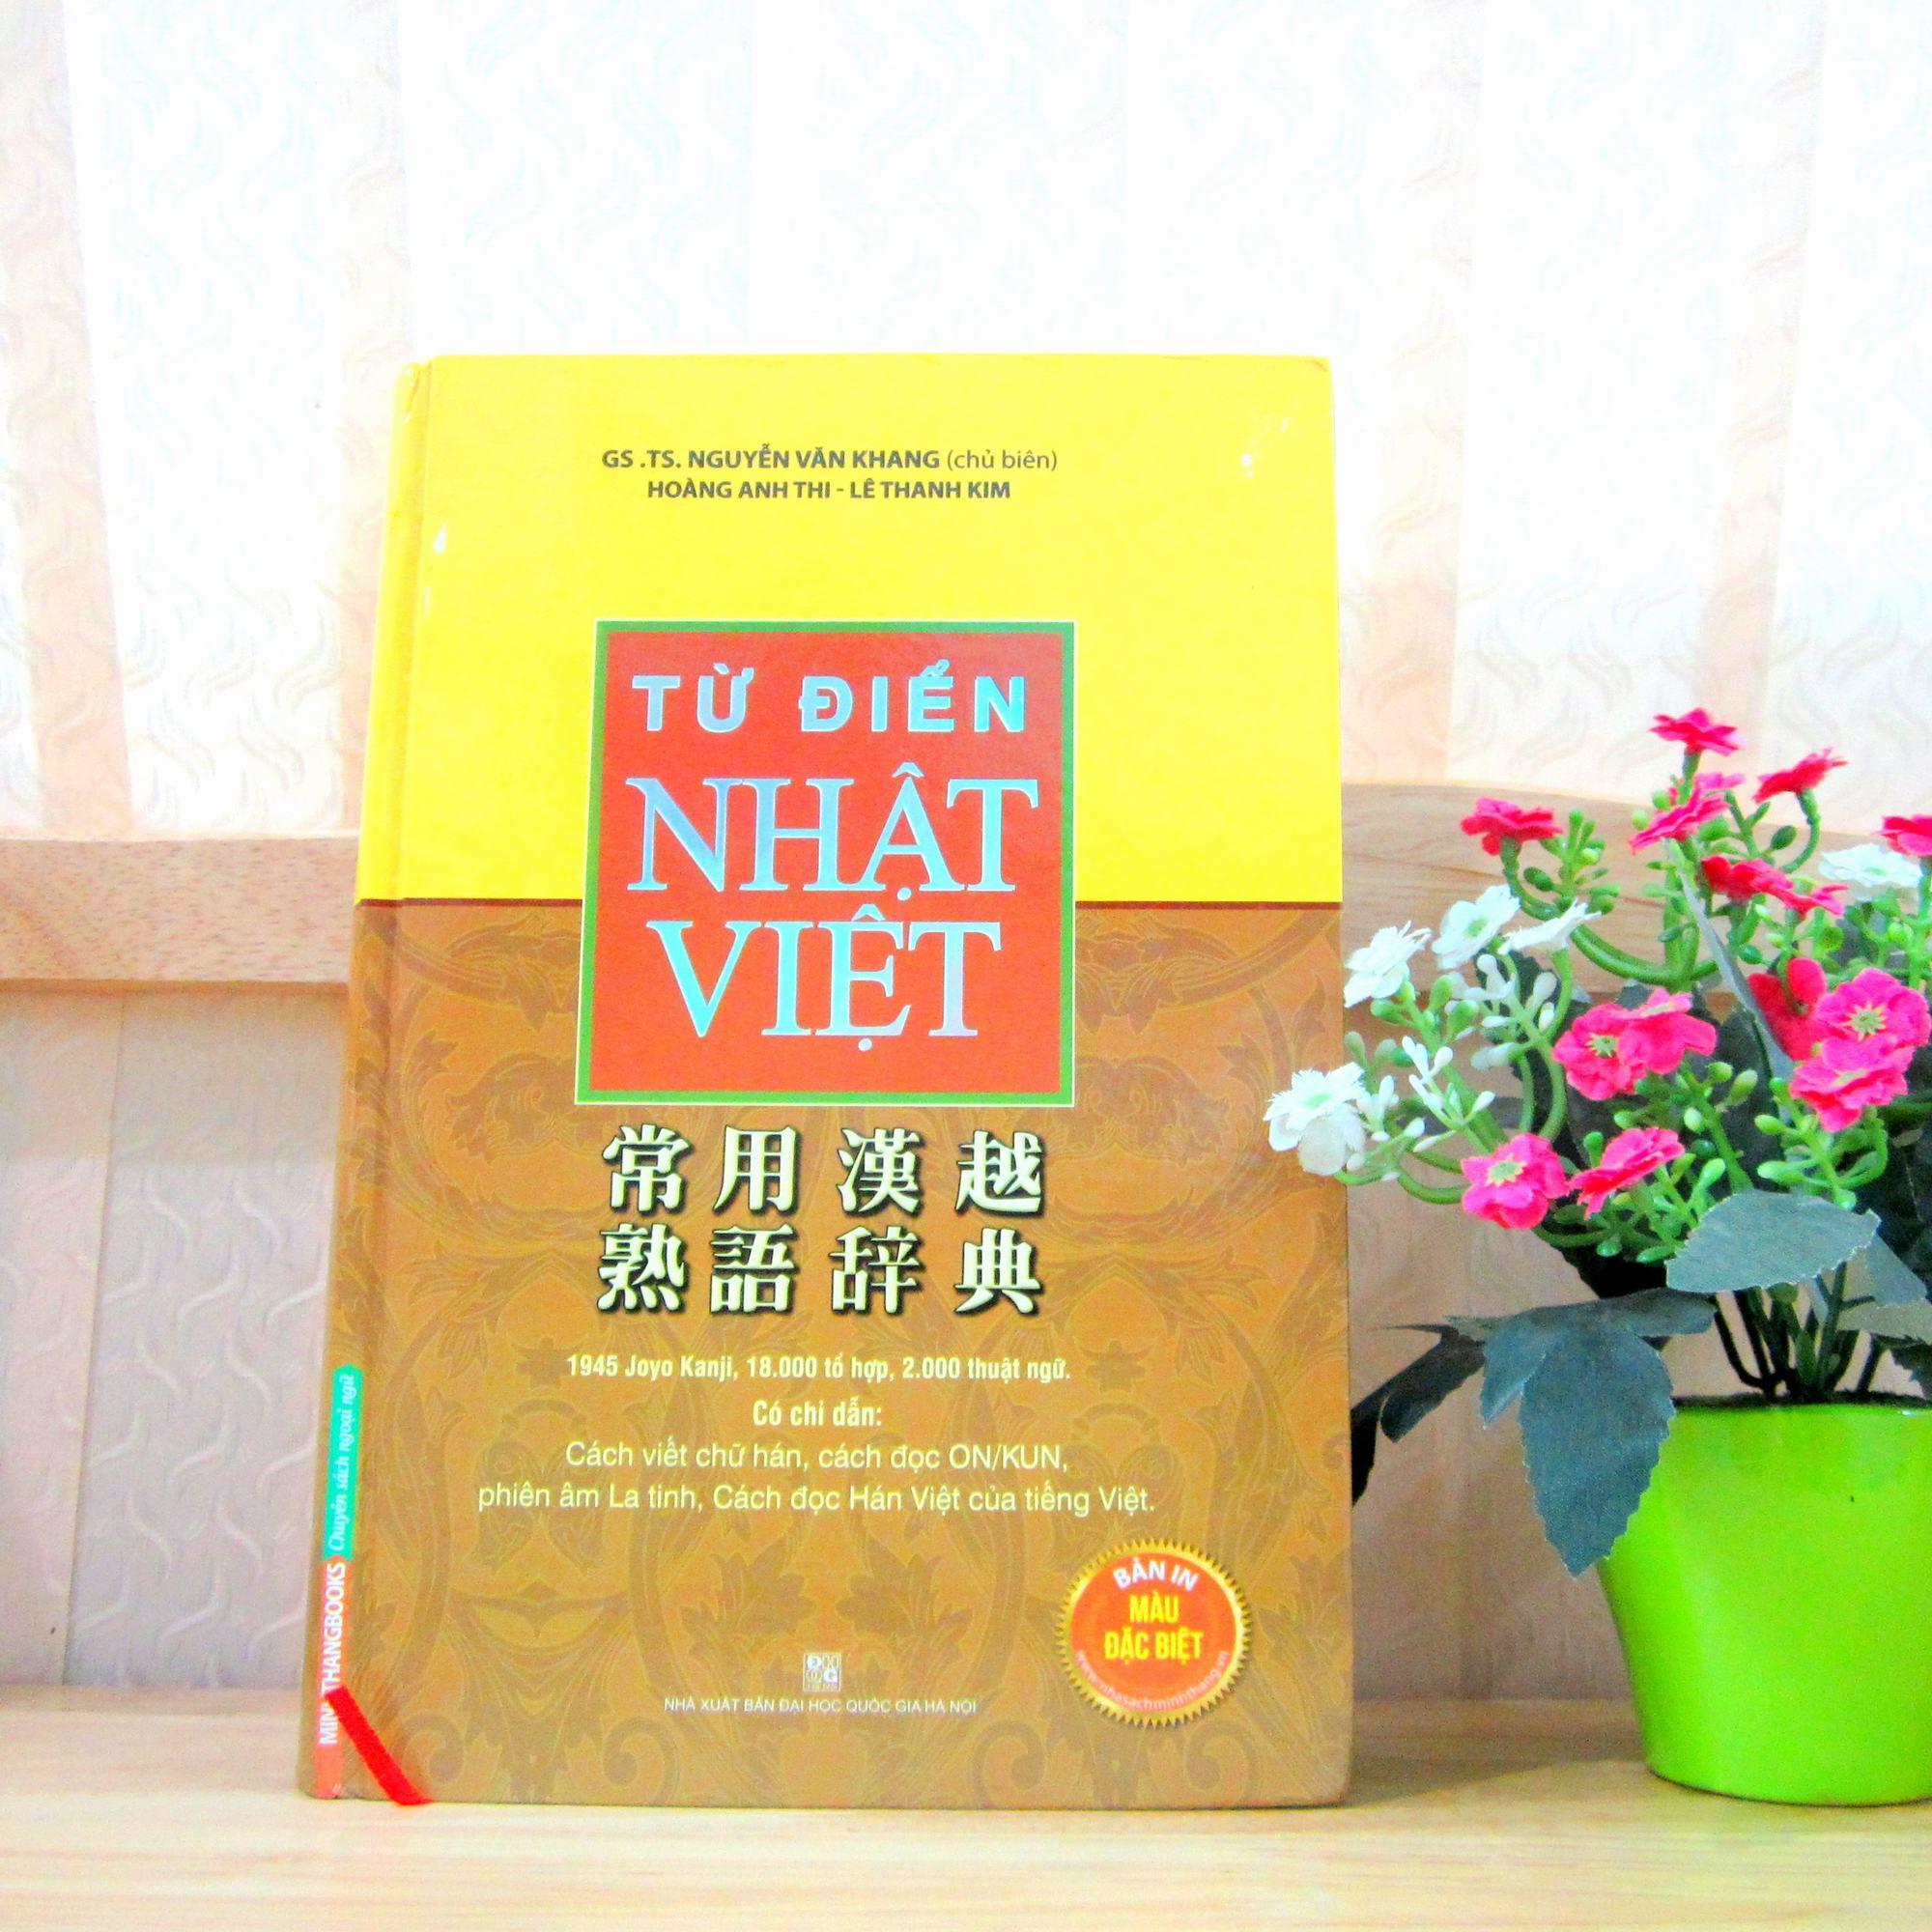 Từ điển Nhật Việt – Nguyễn Văn Khang – Bản Màu – Bìa Mềm By Cua Hang Tri An